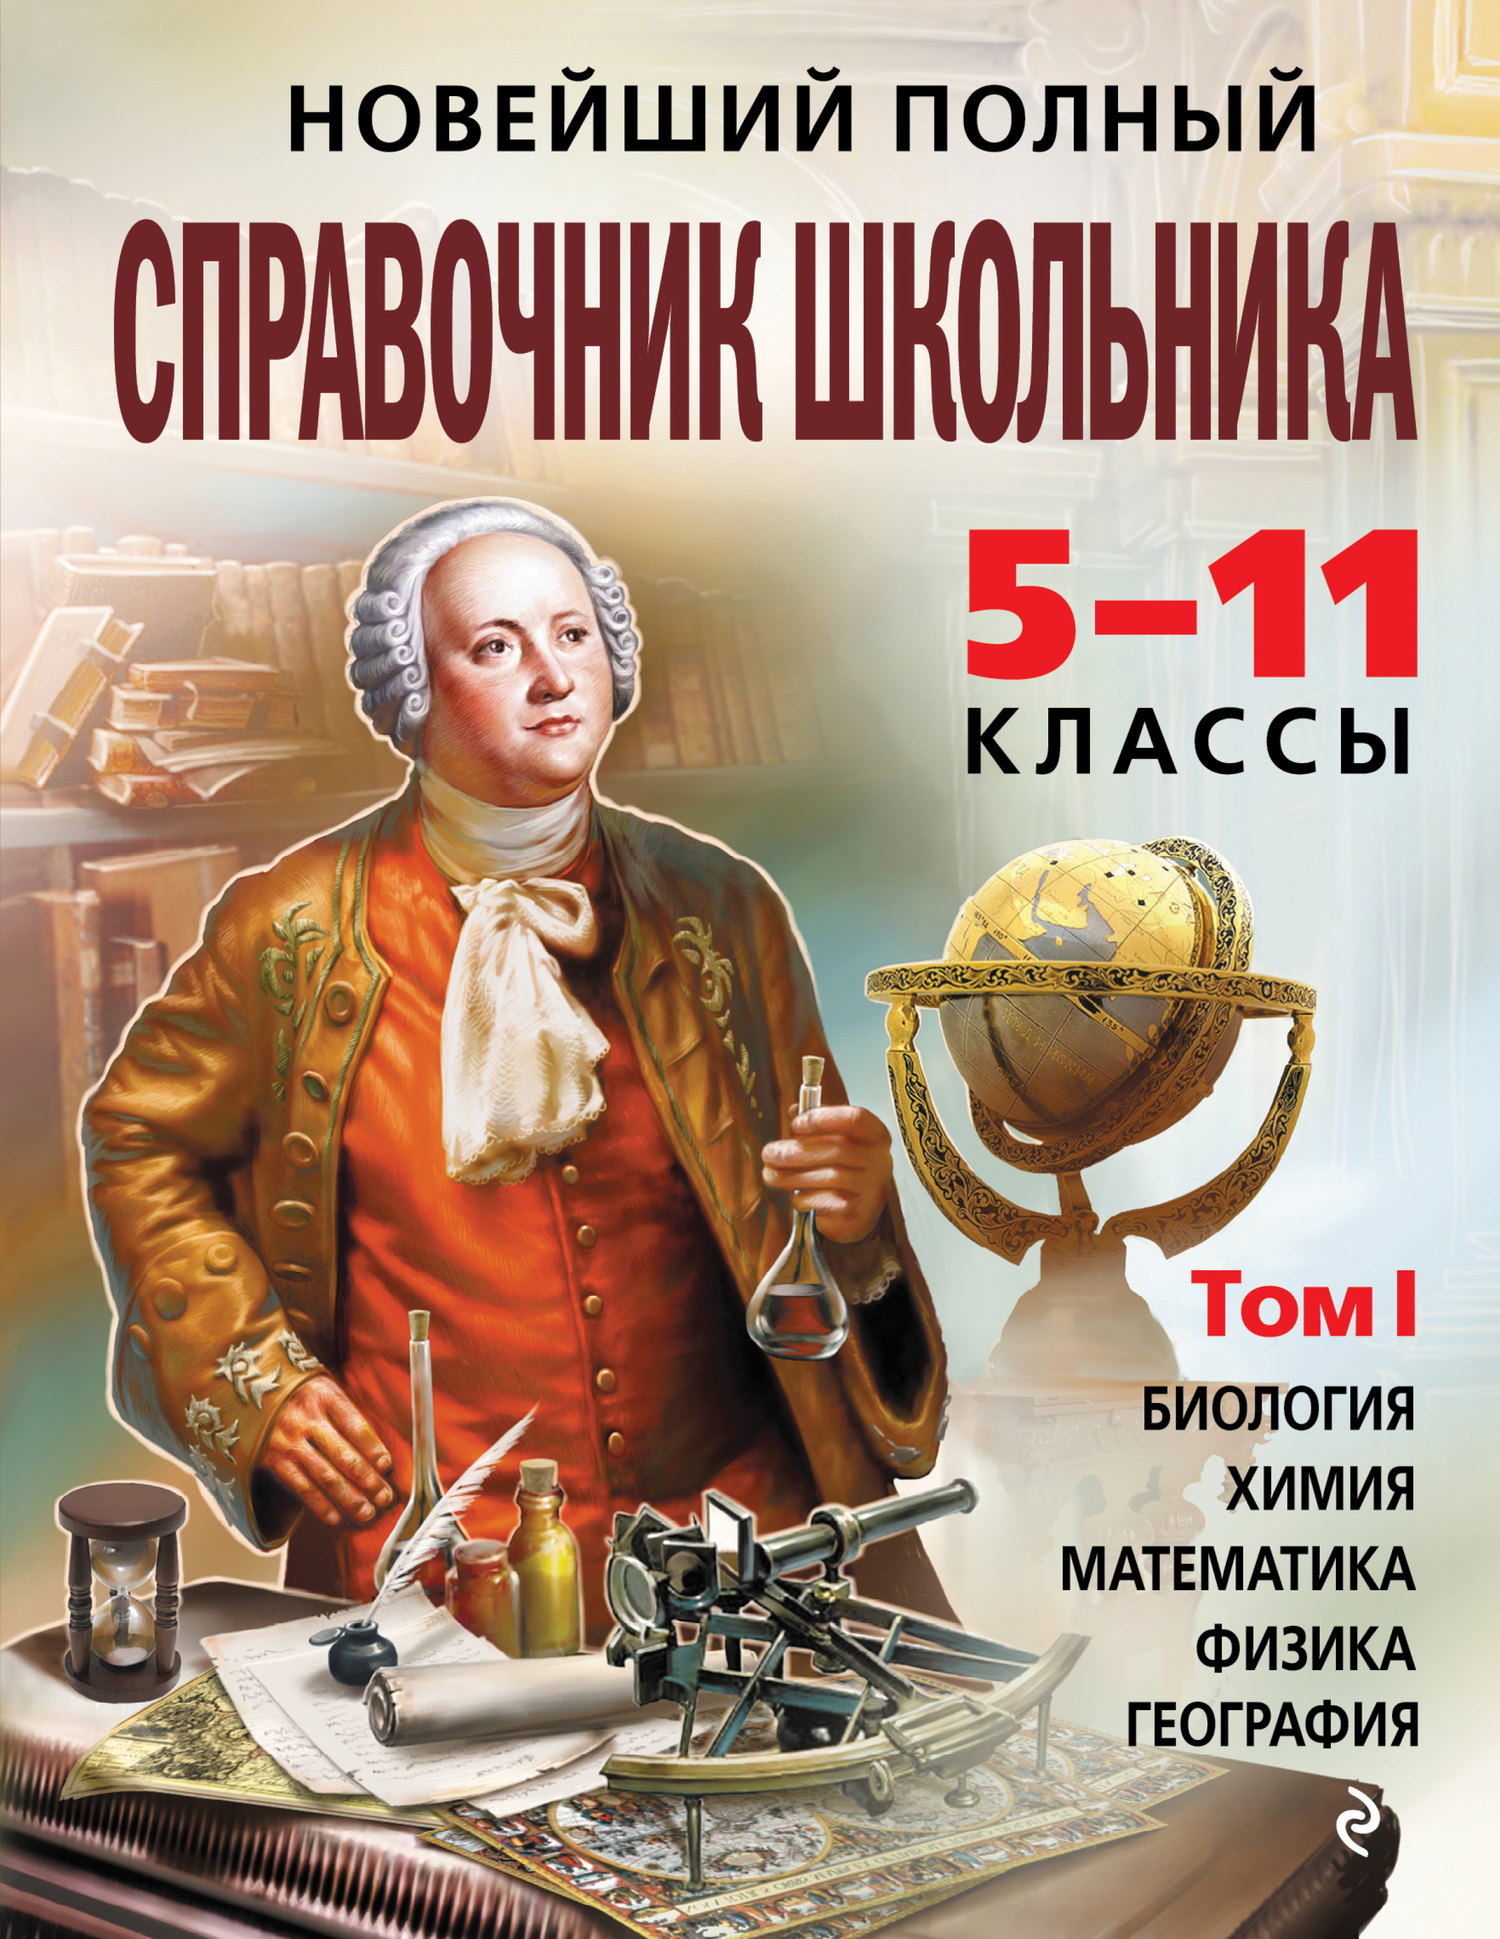 Новейший полный справочник школьника. 5-11 классы. В 2 т. Том 1